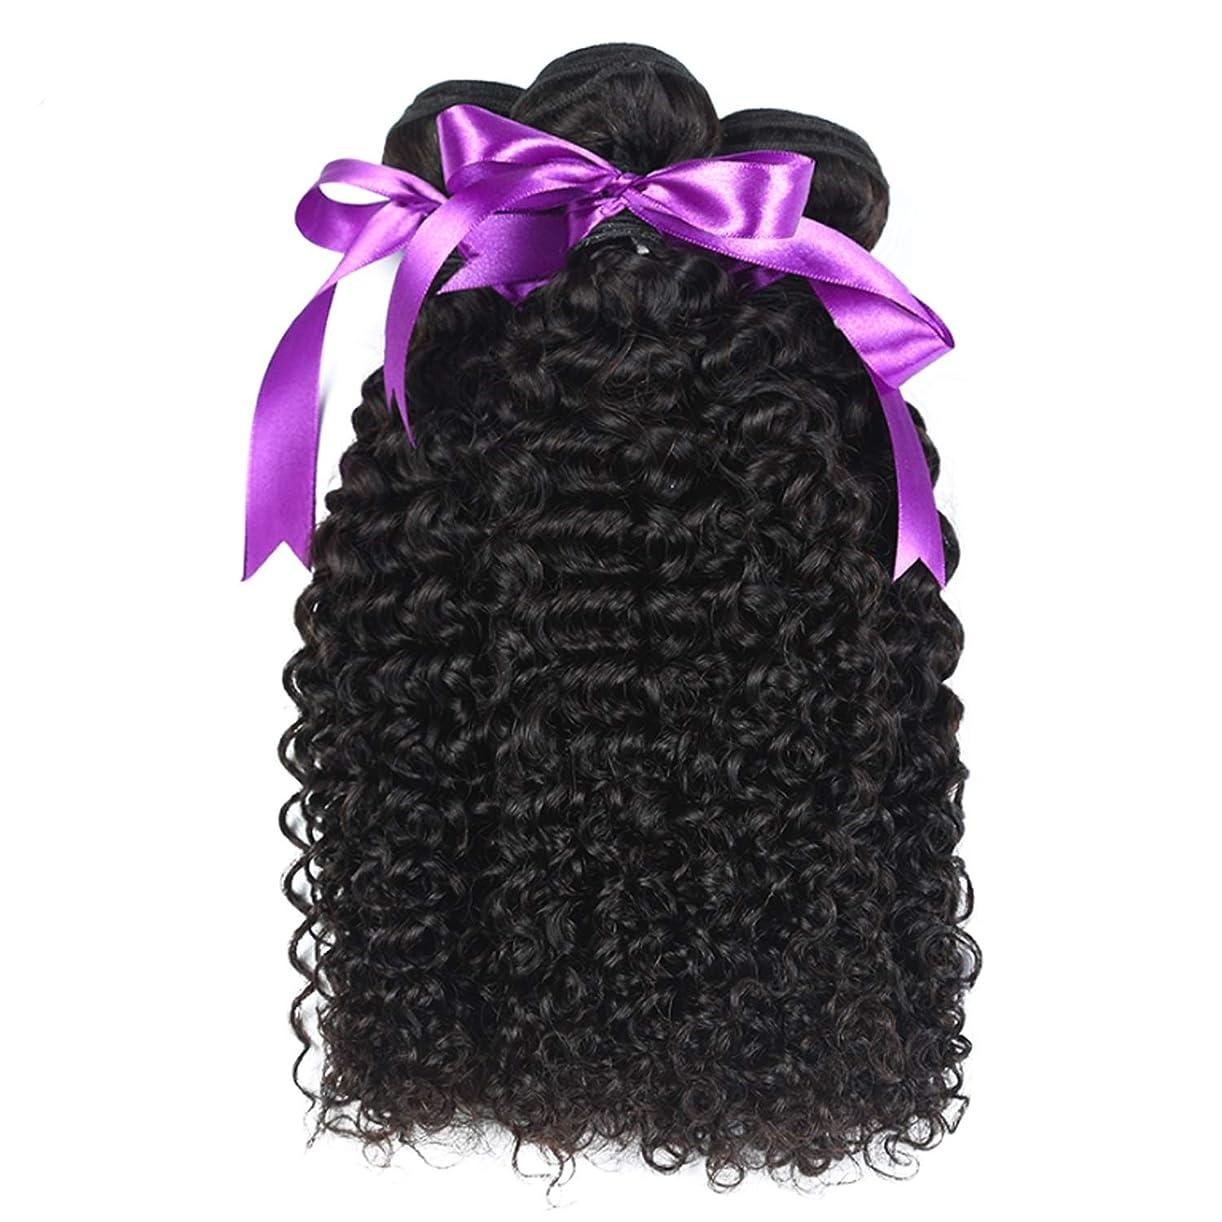 テーマミュージカル次へかつら マレーシアの巻き毛の束8-28インチ100%の人間の毛髪は、Remyの毛のナチュラルカラー3個の巻き毛の束を織ります (Stretched Length : 10 10 10)